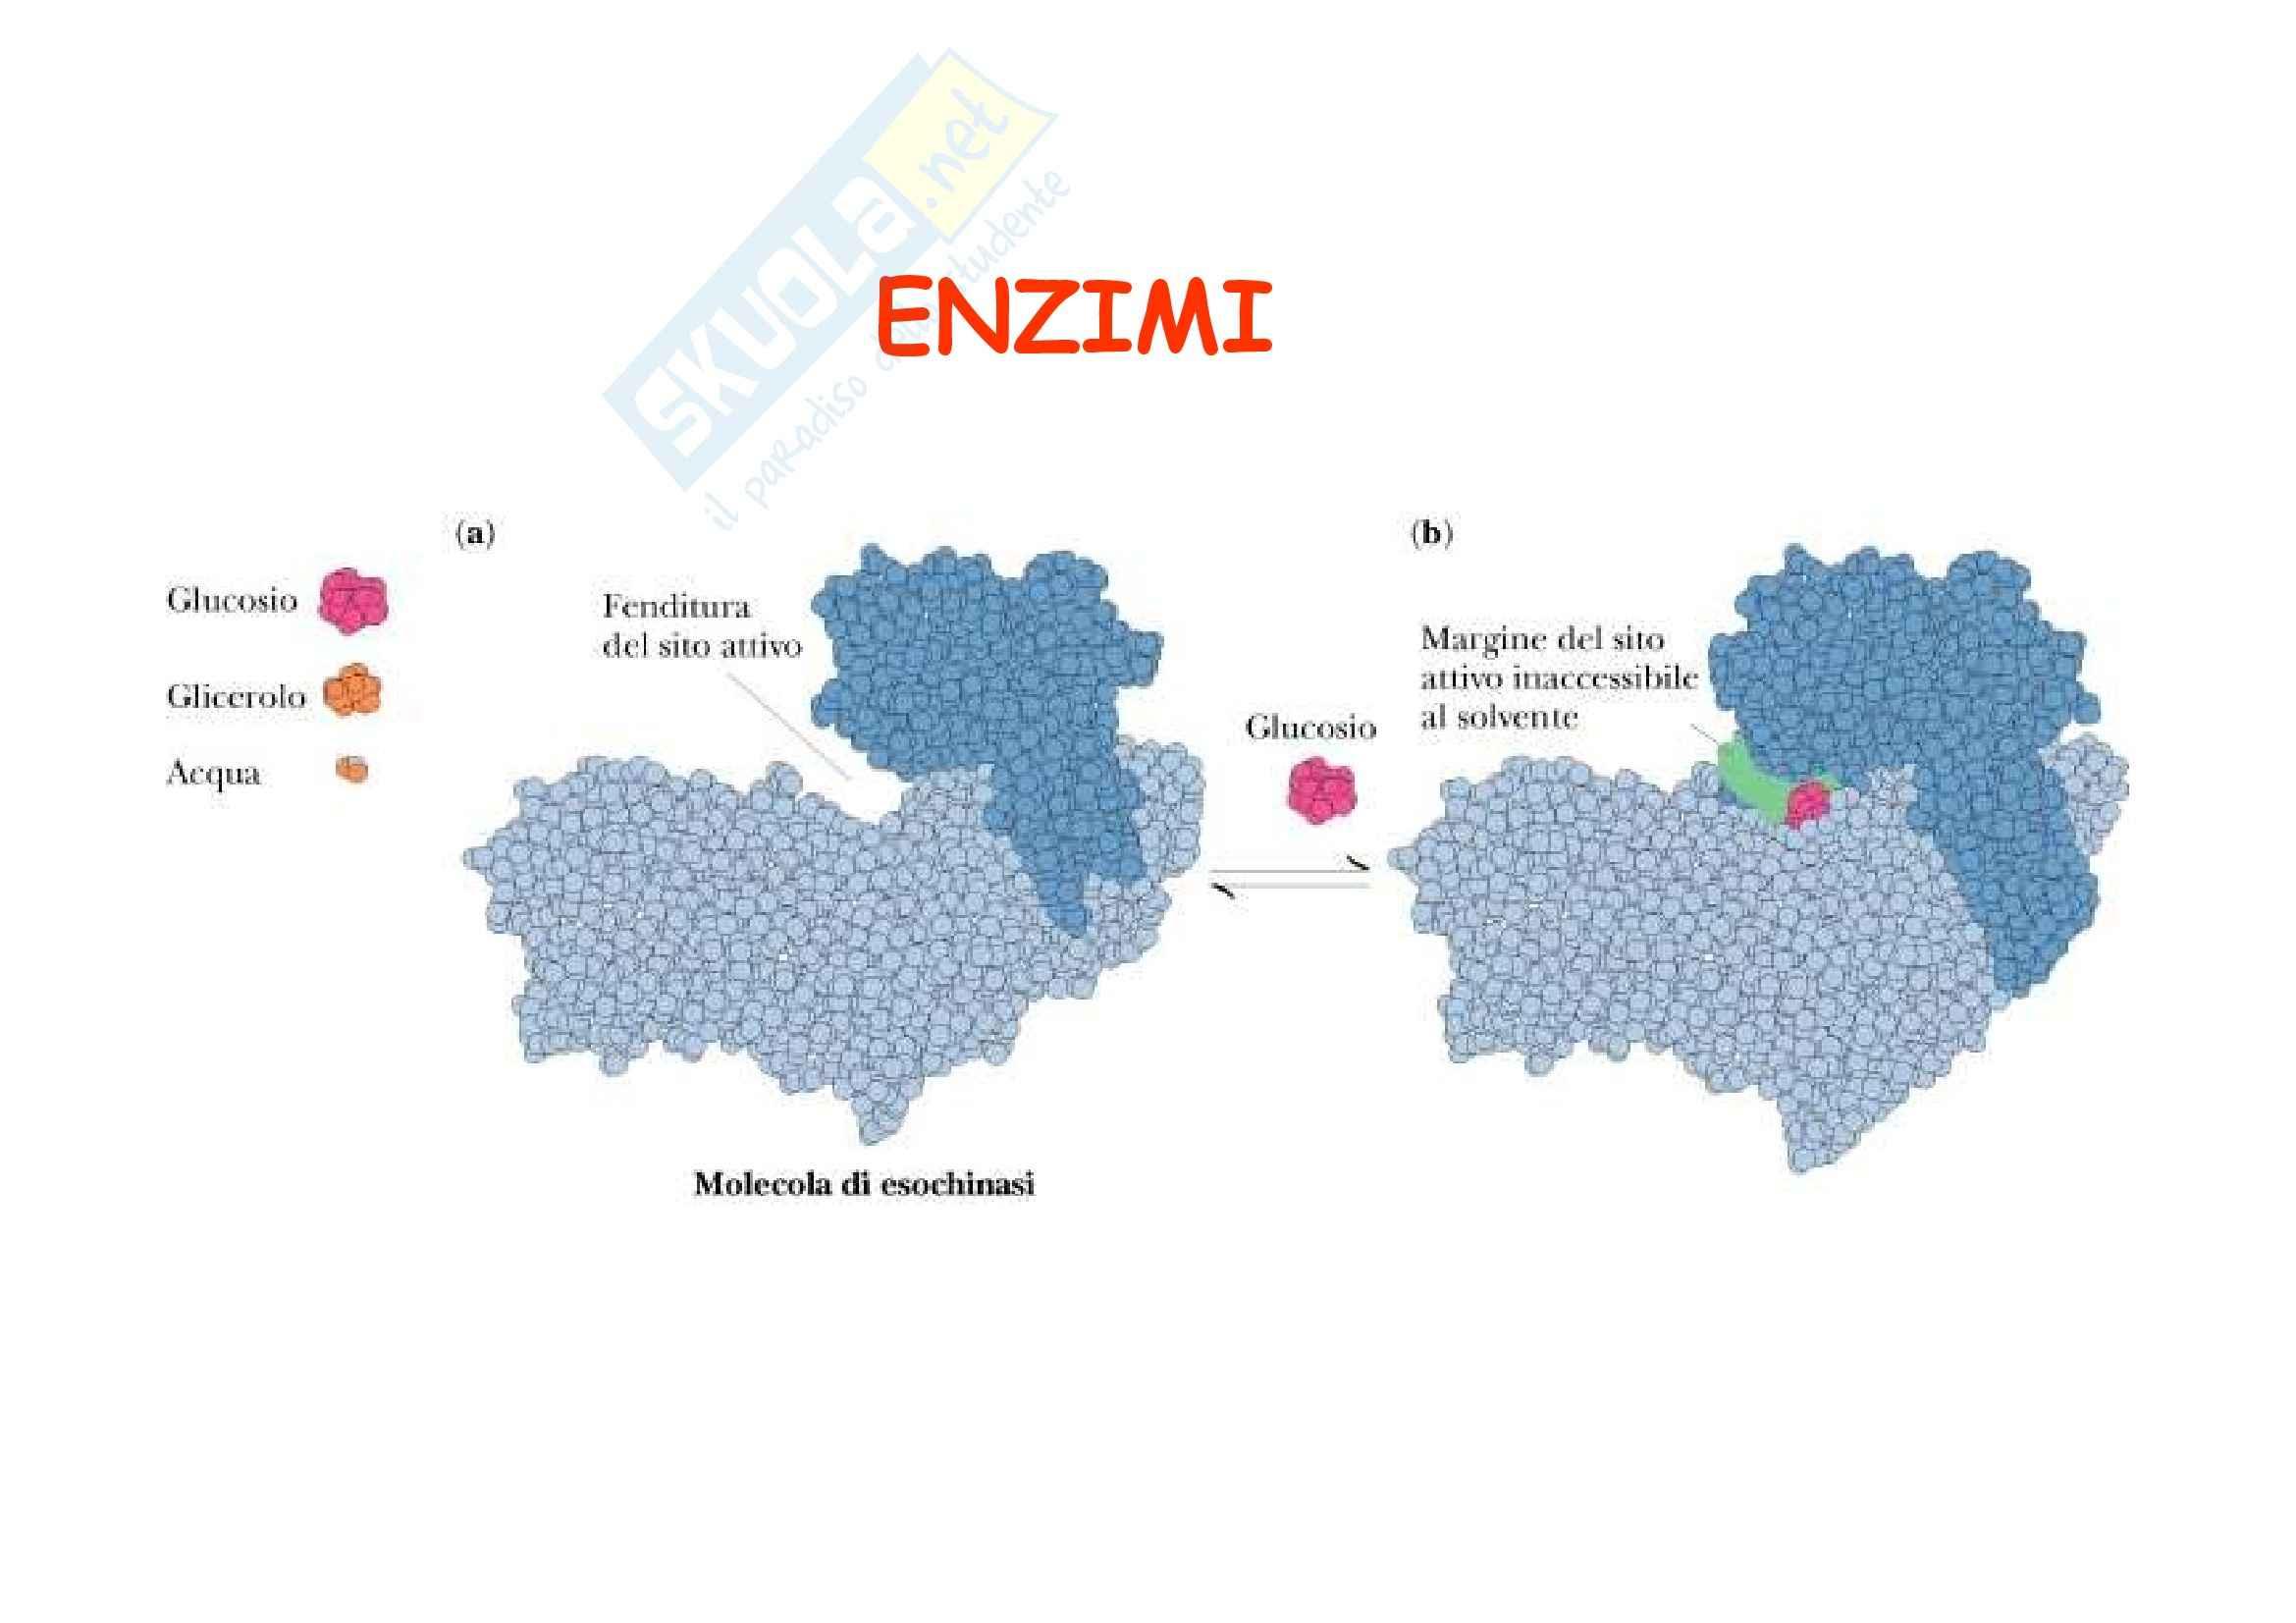 Biochimica - Enzimi